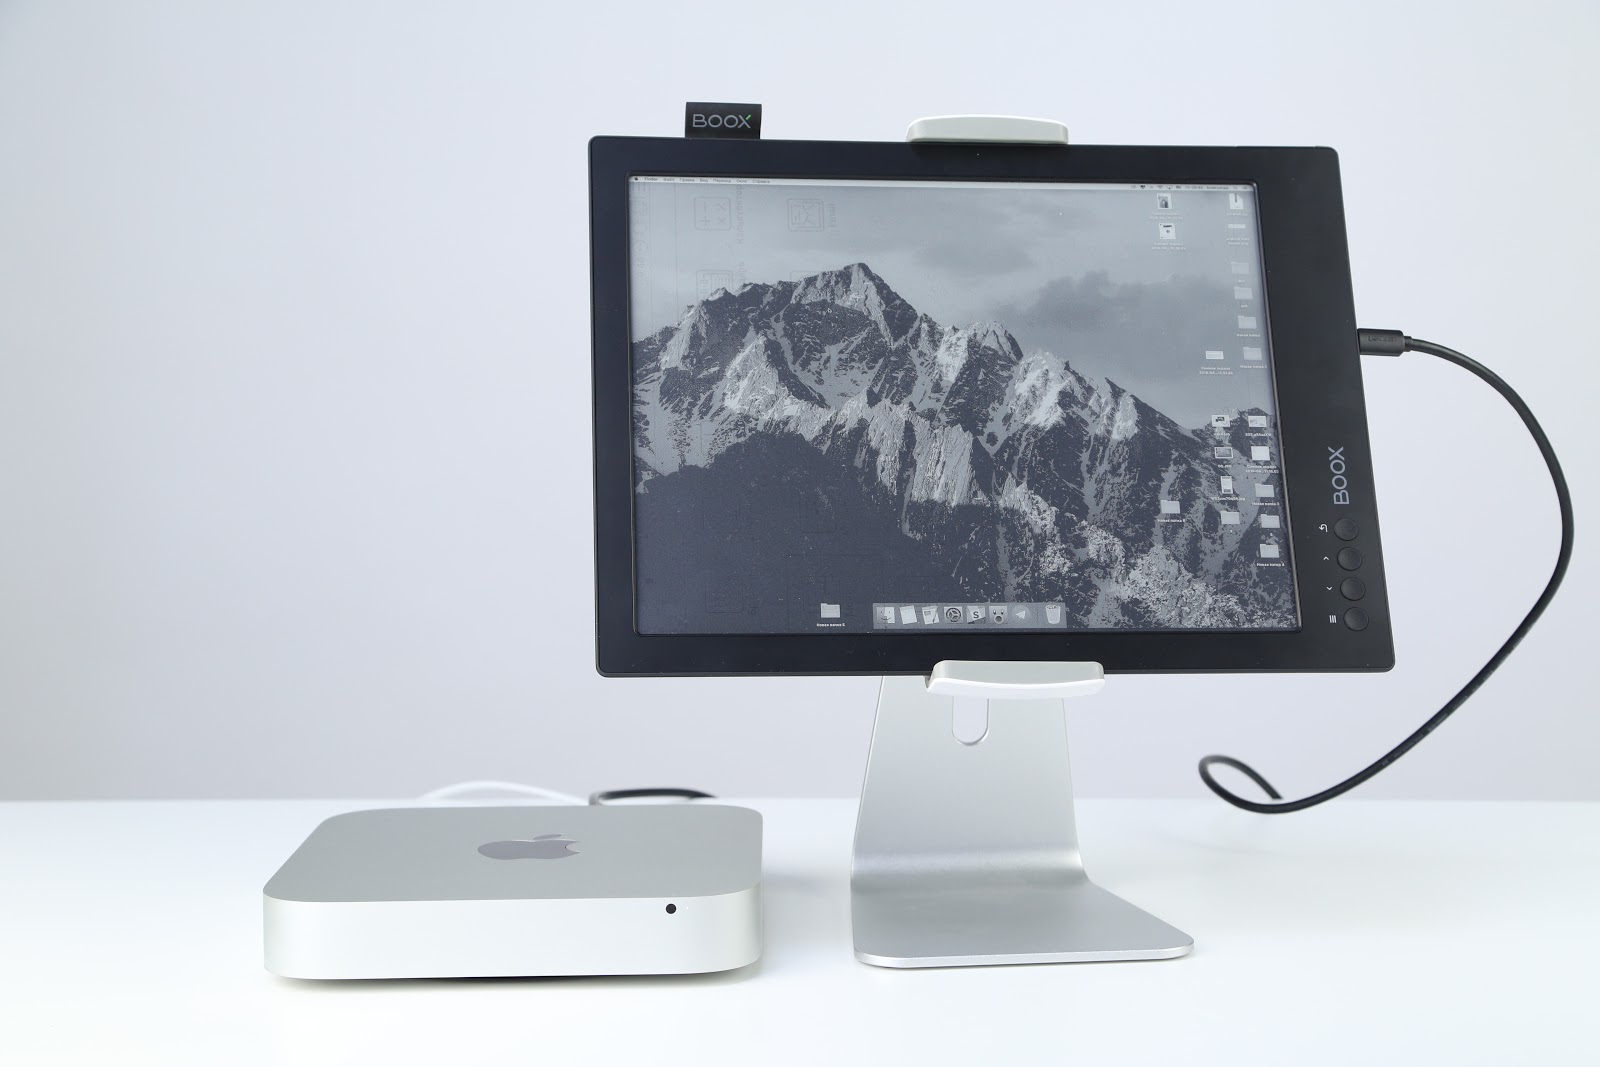 Каждый ридер хочет стать монитором: обзор ONYX BOOX MAX 2 - 1